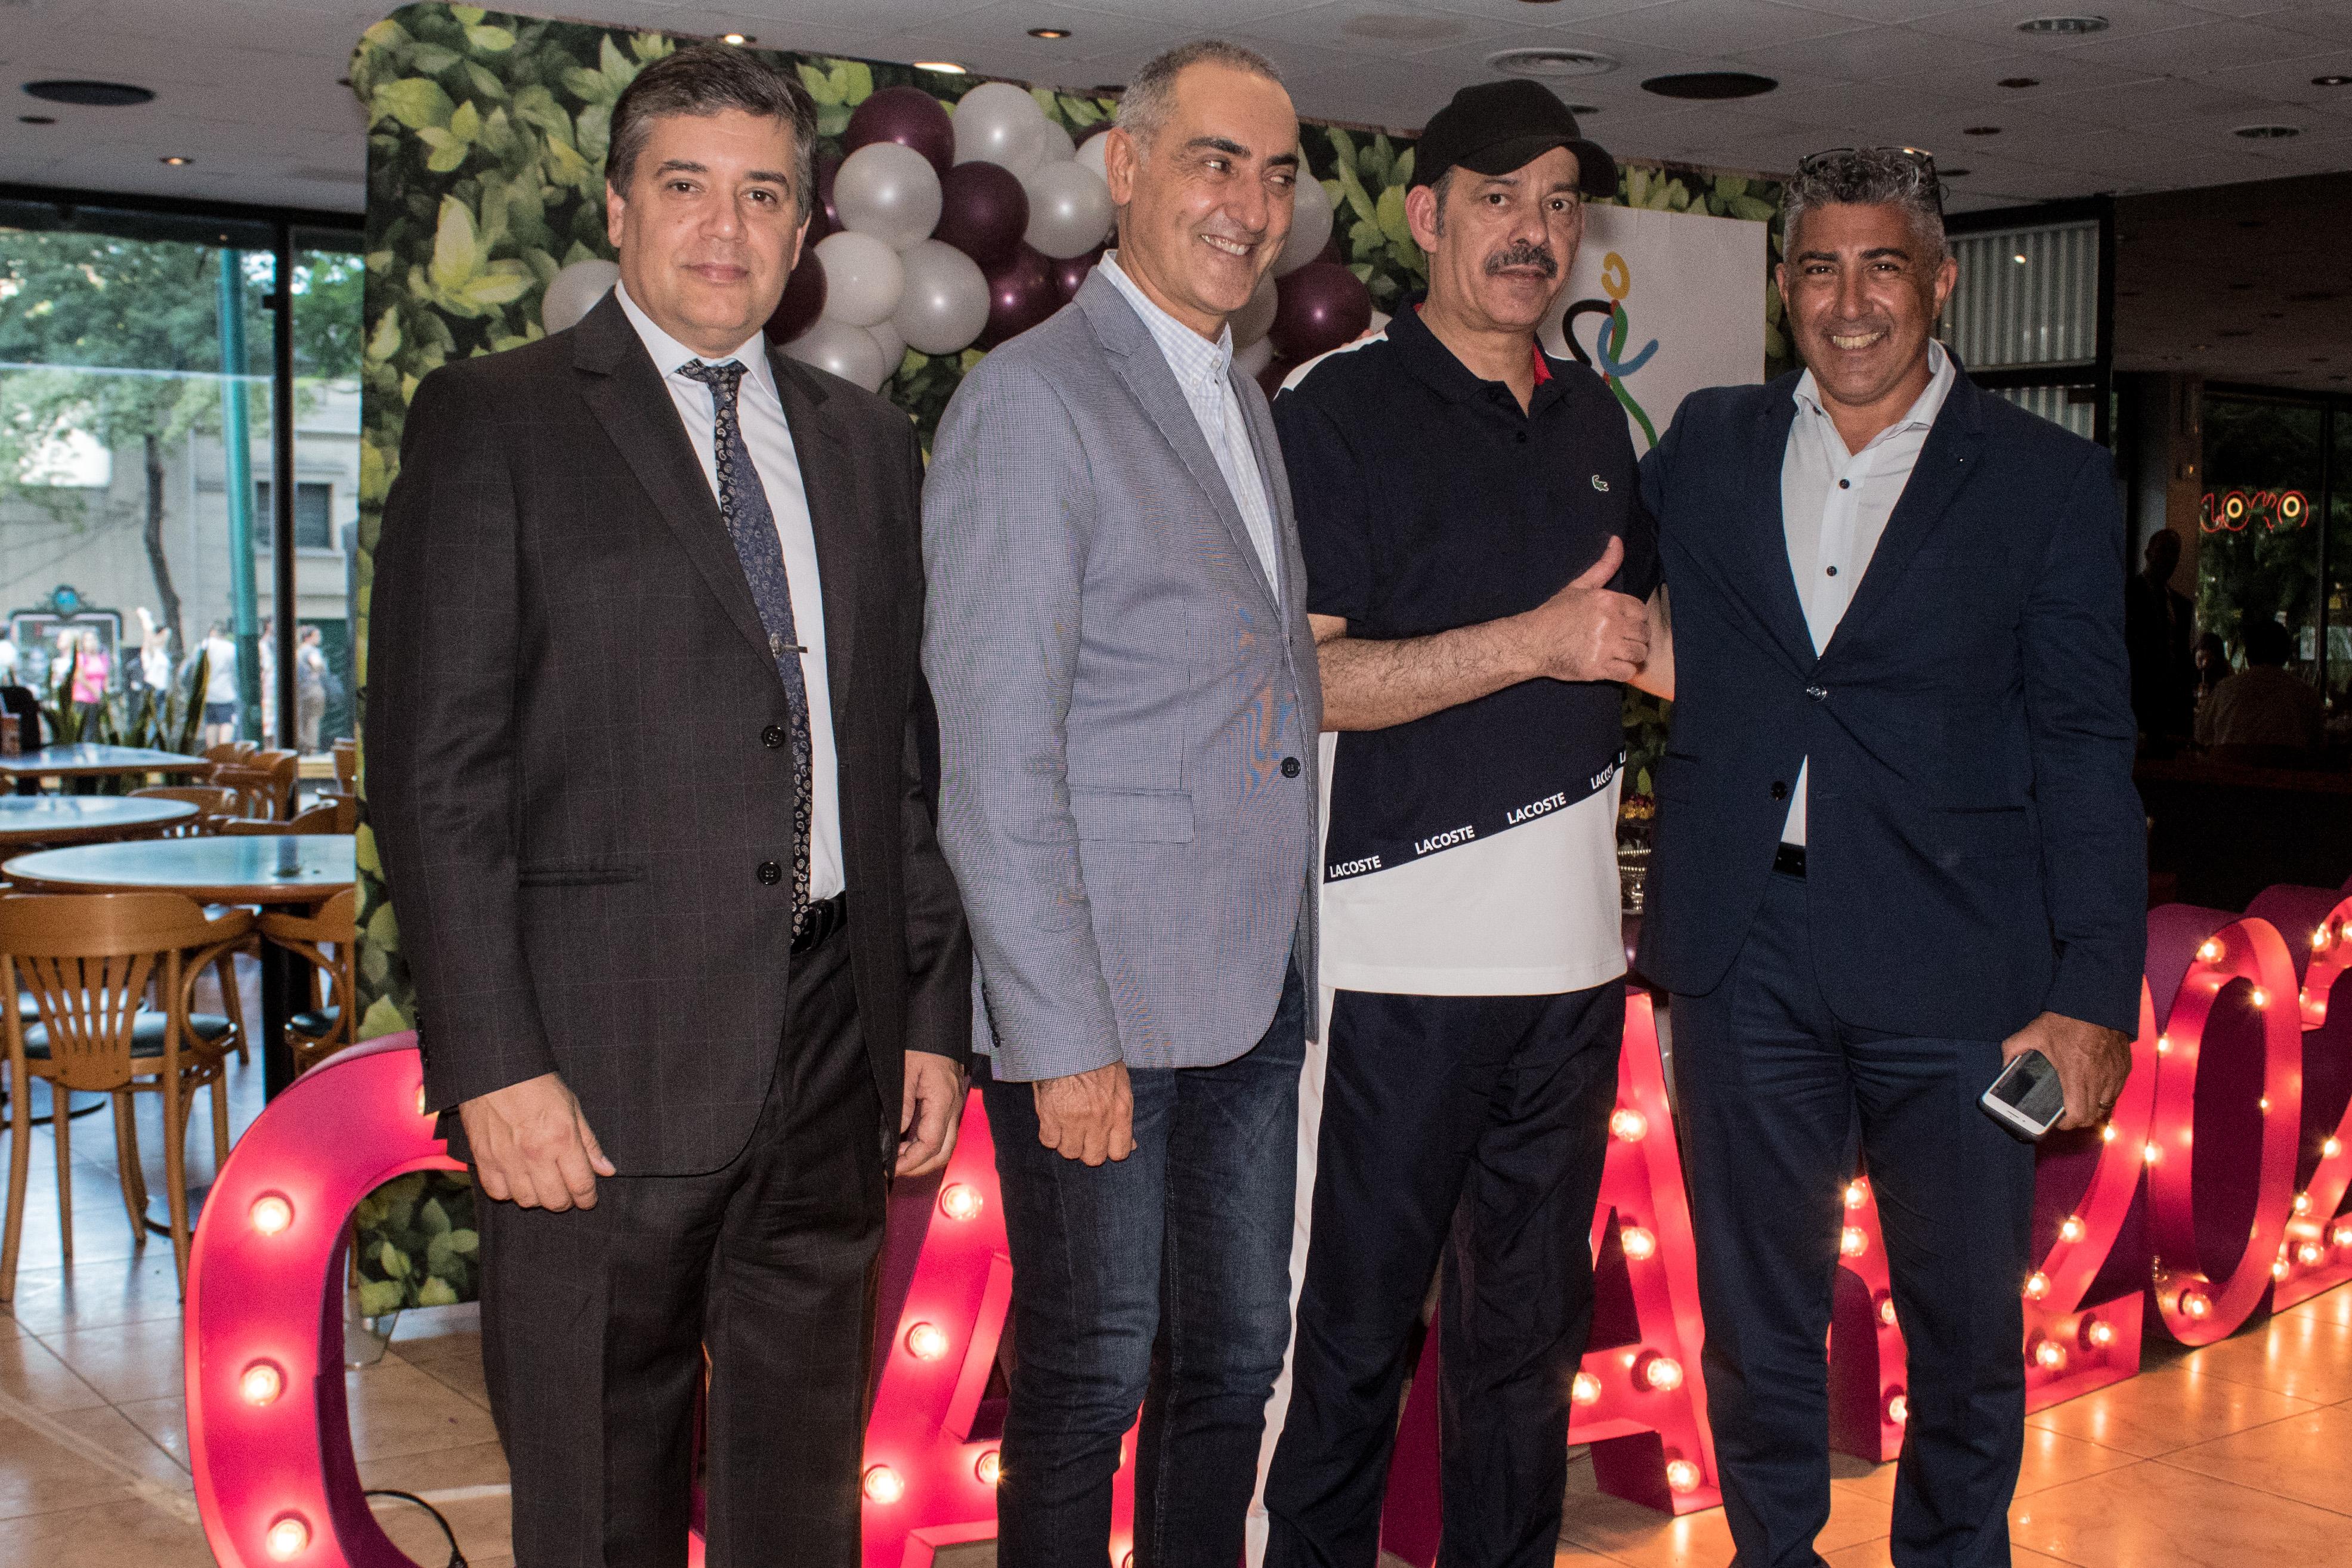 El embajador del Estado de Qatar, S.E. Battal M. Al Dosari, junto a Claudio Schiavoni, jefe de la División de Seguridad de Objetivos Diplomáticos; Alejandro Ñamandú, director de Seguridad Diplomática; y Marcelo Sena, jefe del Departamento de Asuntos Exteriores